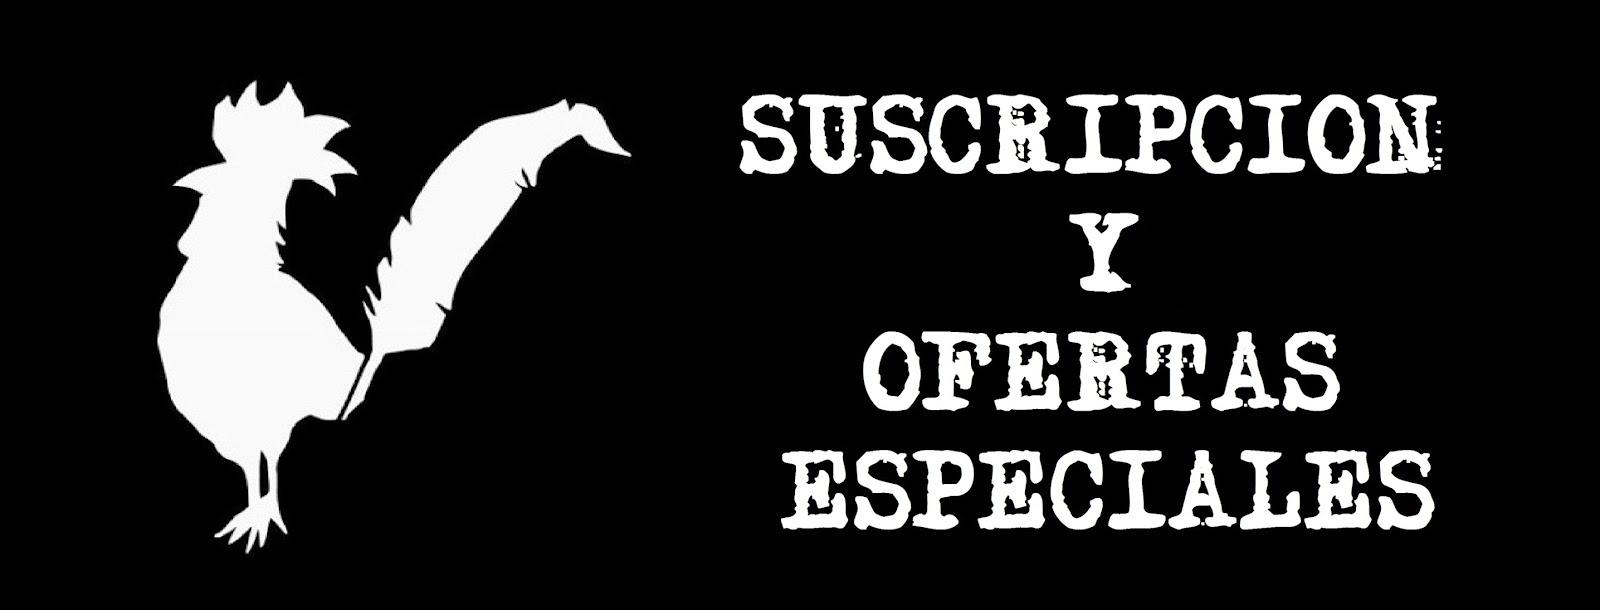 http://www.lagallaciencia.com/p/suscripcion-y-ofertas-especiales.html